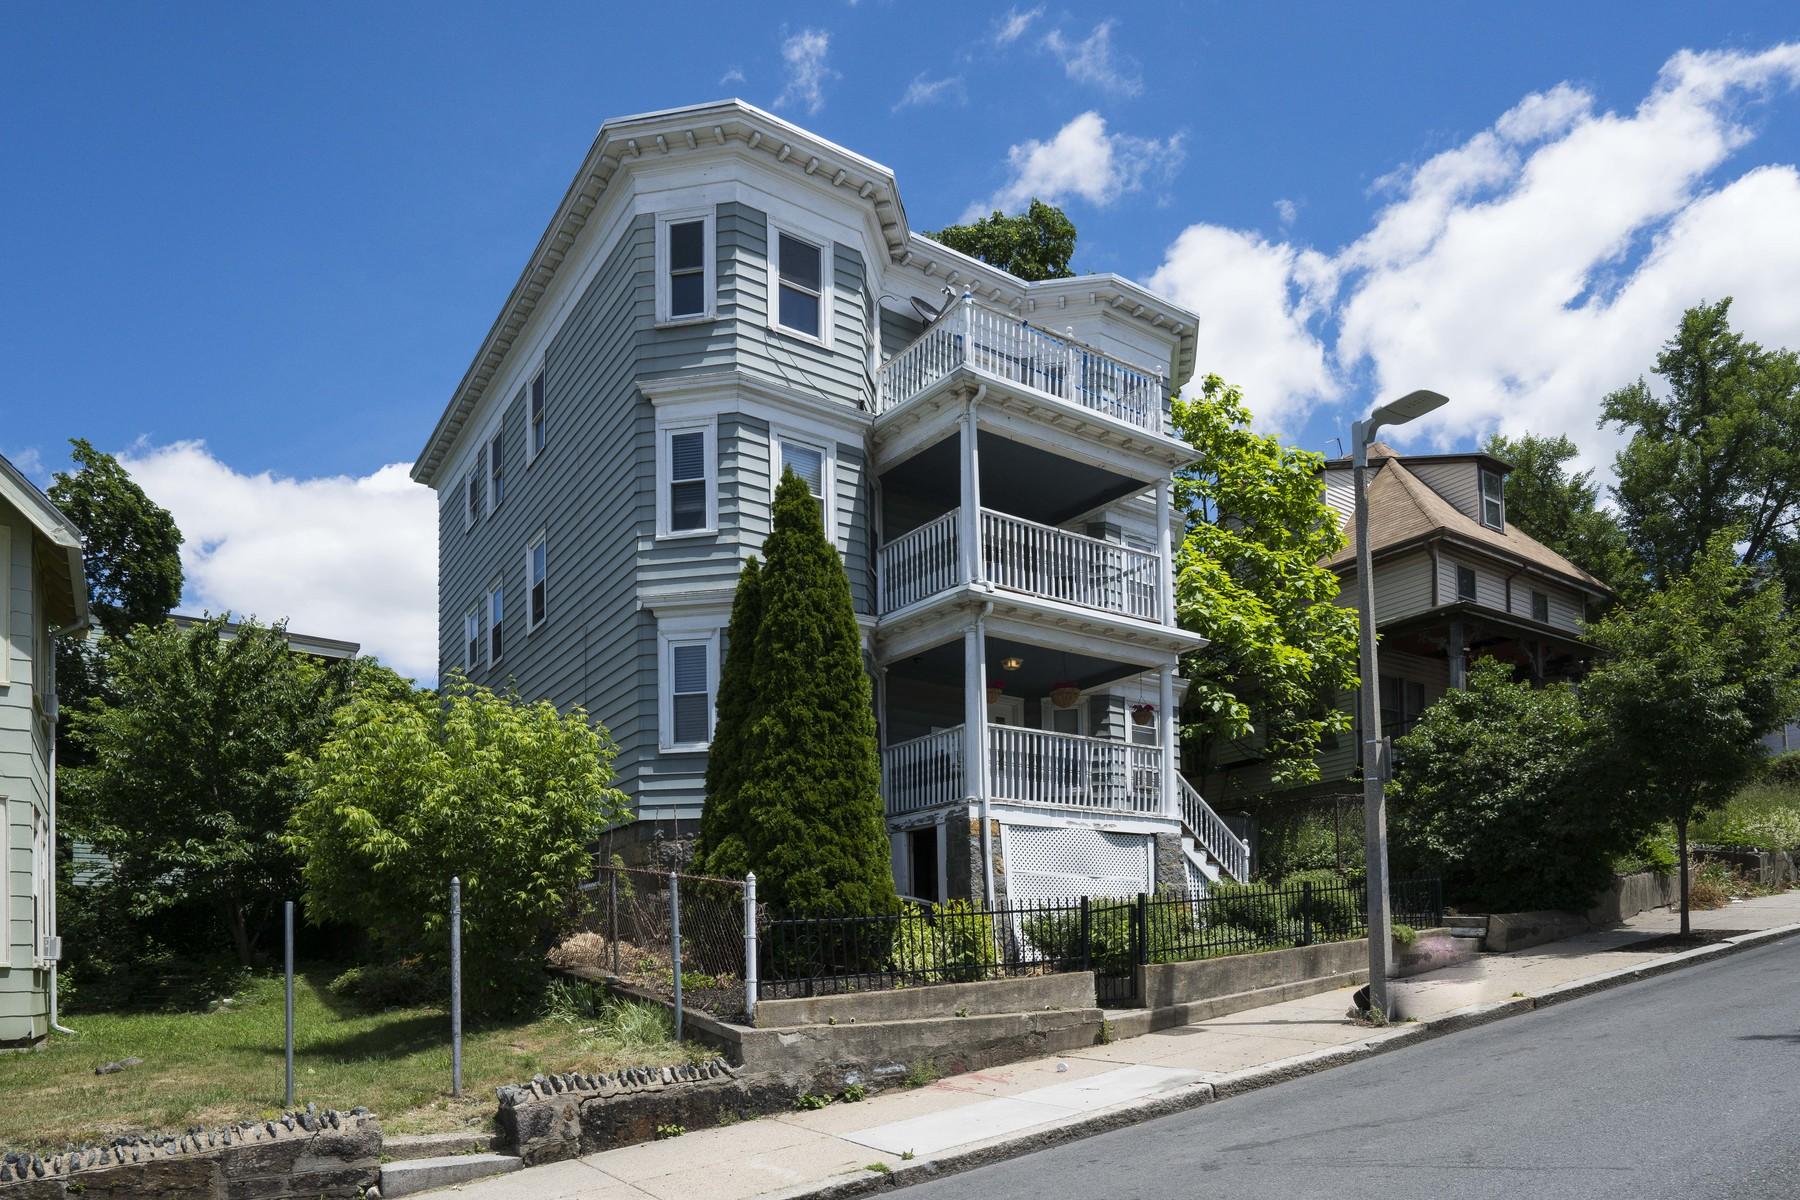 Maison unifamiliale pour l Vente à 3 Bedroom Penthouse 6 Jerome Street Unit 3 Boston, Massachusetts, 02125 États-Unis